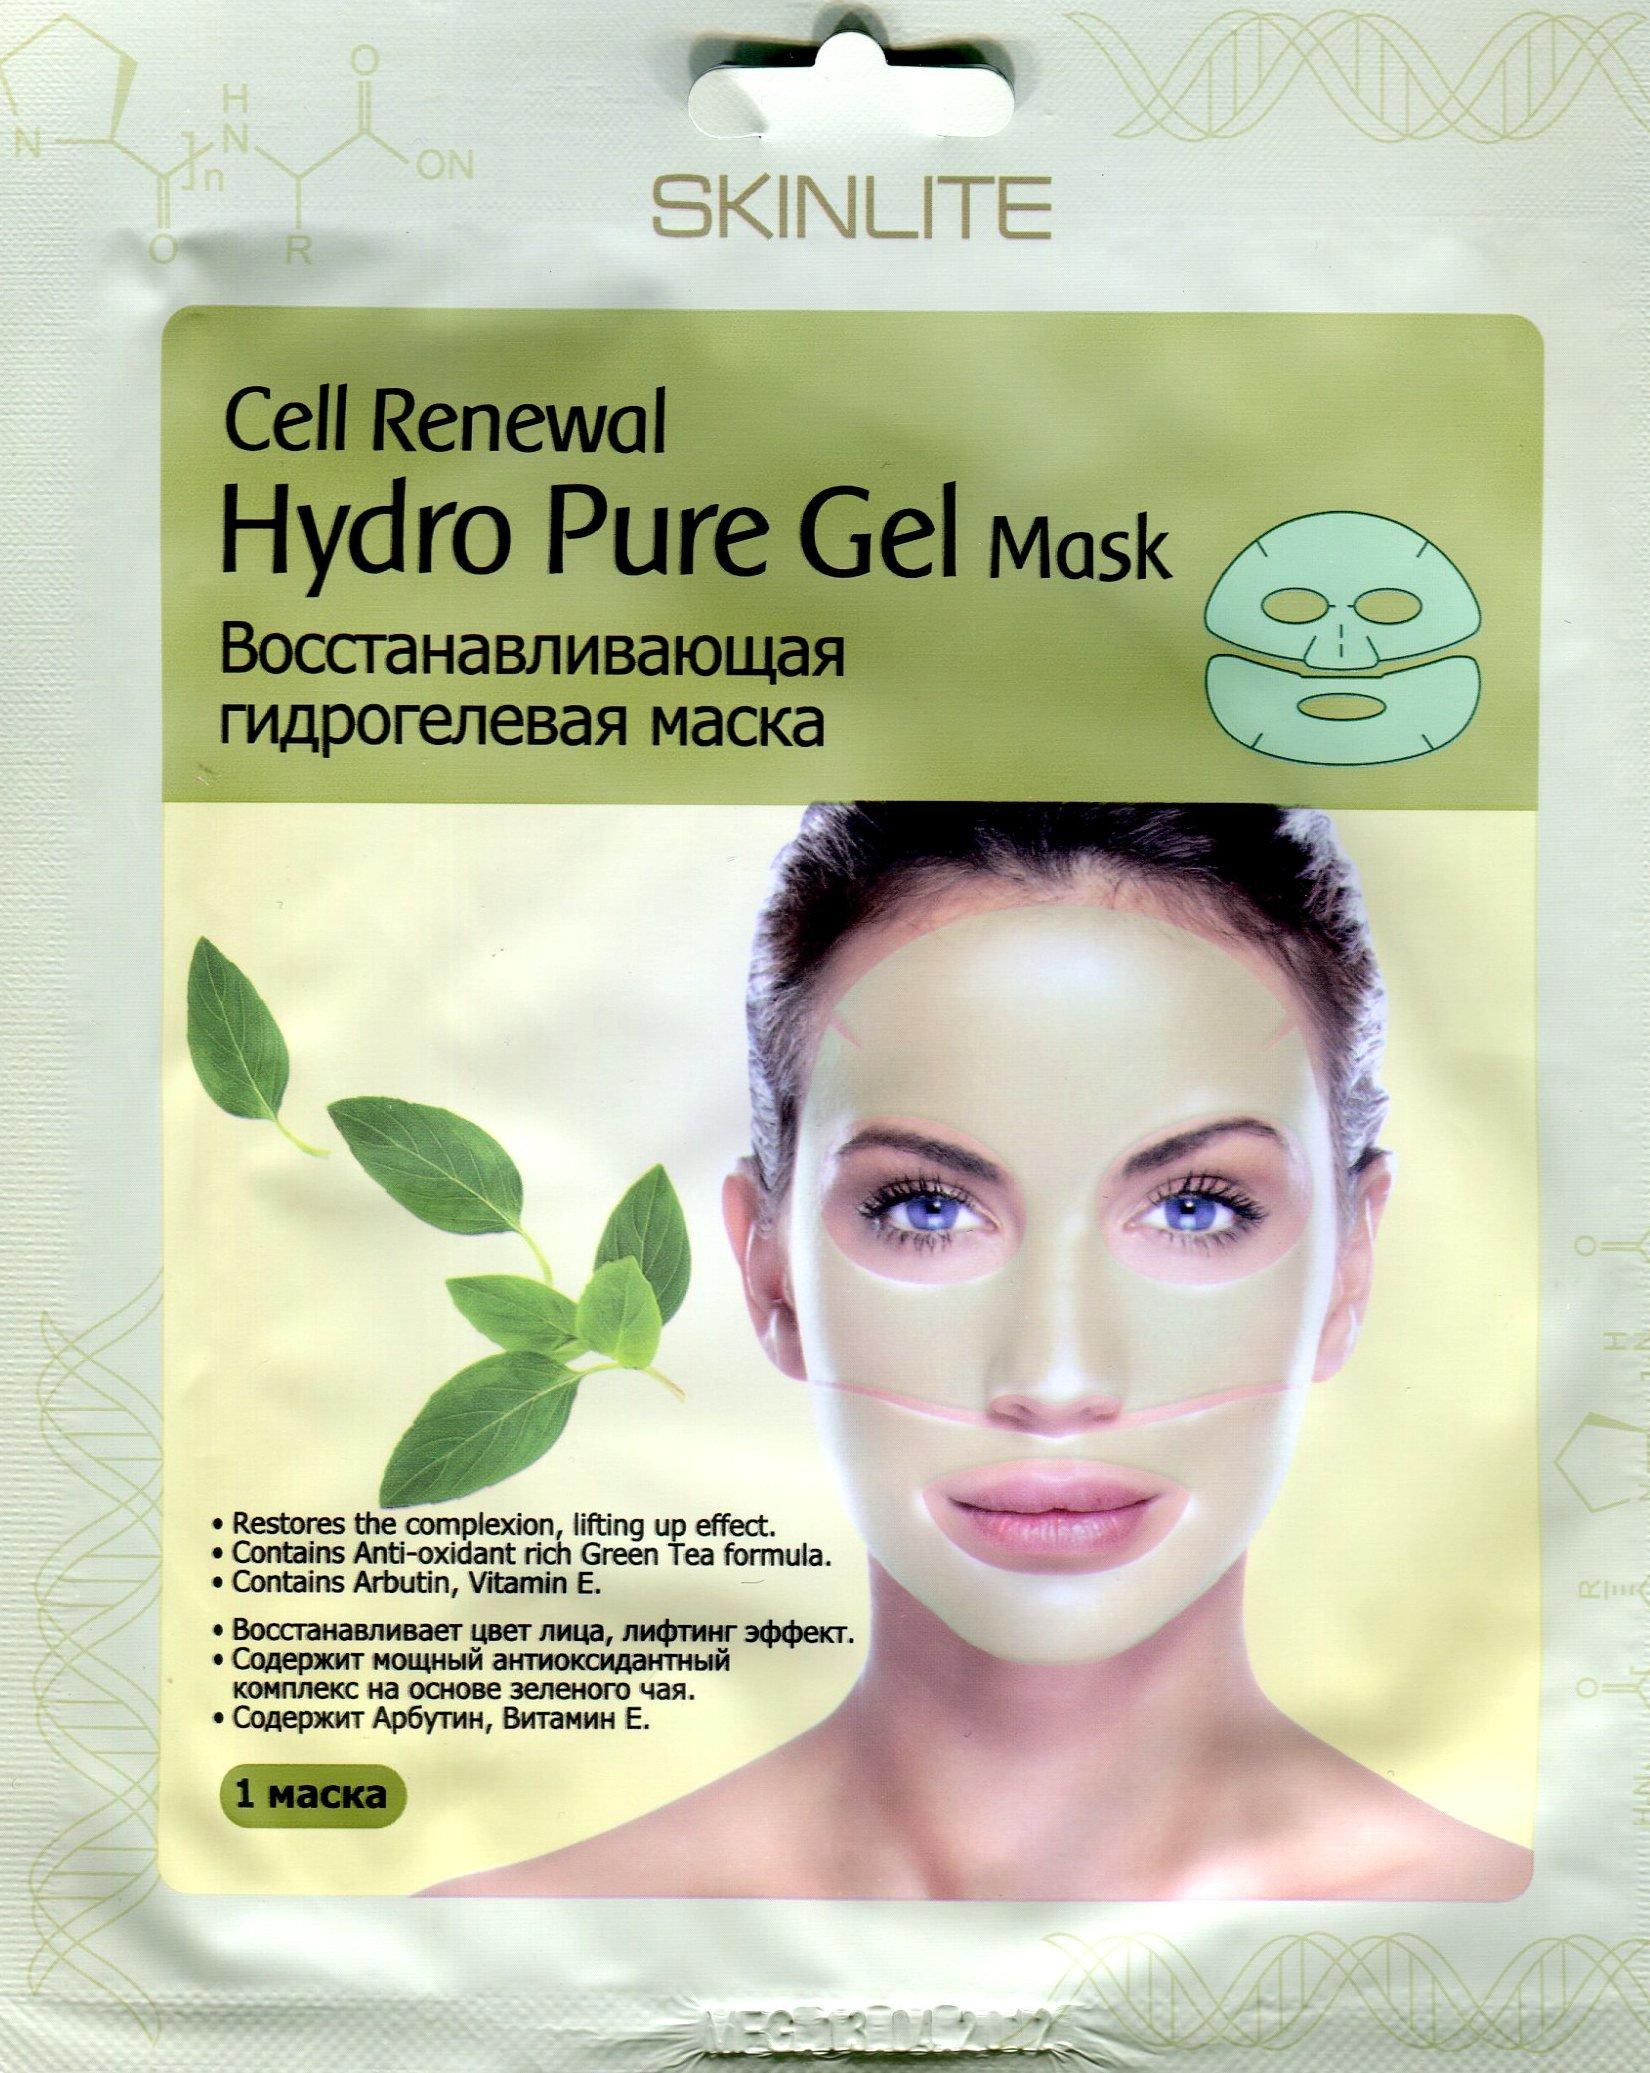 SkinliteSKINLITE<br>Восстанавливающая гидрогелевая маска эффективно осветляет пигментацию, разглаживает морщинки и подтягивает кожу.<br>        <br>Тончайшая гидрогелевая  маска Skinlite плотно прилегает к лицу, как «вторая кожа», создавая максимальное проникновение активных микроэлементов в кожу.  Зелёный чай (экстракт) в сочетании с аденозином, бетаглюканом, витамином А и другими природными компонентами интенсивно увлажняют и возрождают кожу, убирая  признаки старения. По мере поглощения кожей биоактивных компонентов, маска на лице истончается. Регулярные гидрогелевые  процедуры сделают кожу моложе, разглаживая  морщины и осветляя  пигментные пятна.  Кожа становится гладкой, свежей и сияющей. Маску накладывают на очищенное сухое лицо, разглаживая пузырьки воздуха. Выдерживают 20-30 мин, затем осторожно снимают от краёв к центру. Остатки маски можно вмассировать в кожу. Состав продукта и применение указаны на упаковке.  <br>    <br><br>Линейка: Skinlite<br>Объем мл: 40<br>Пол: Женский